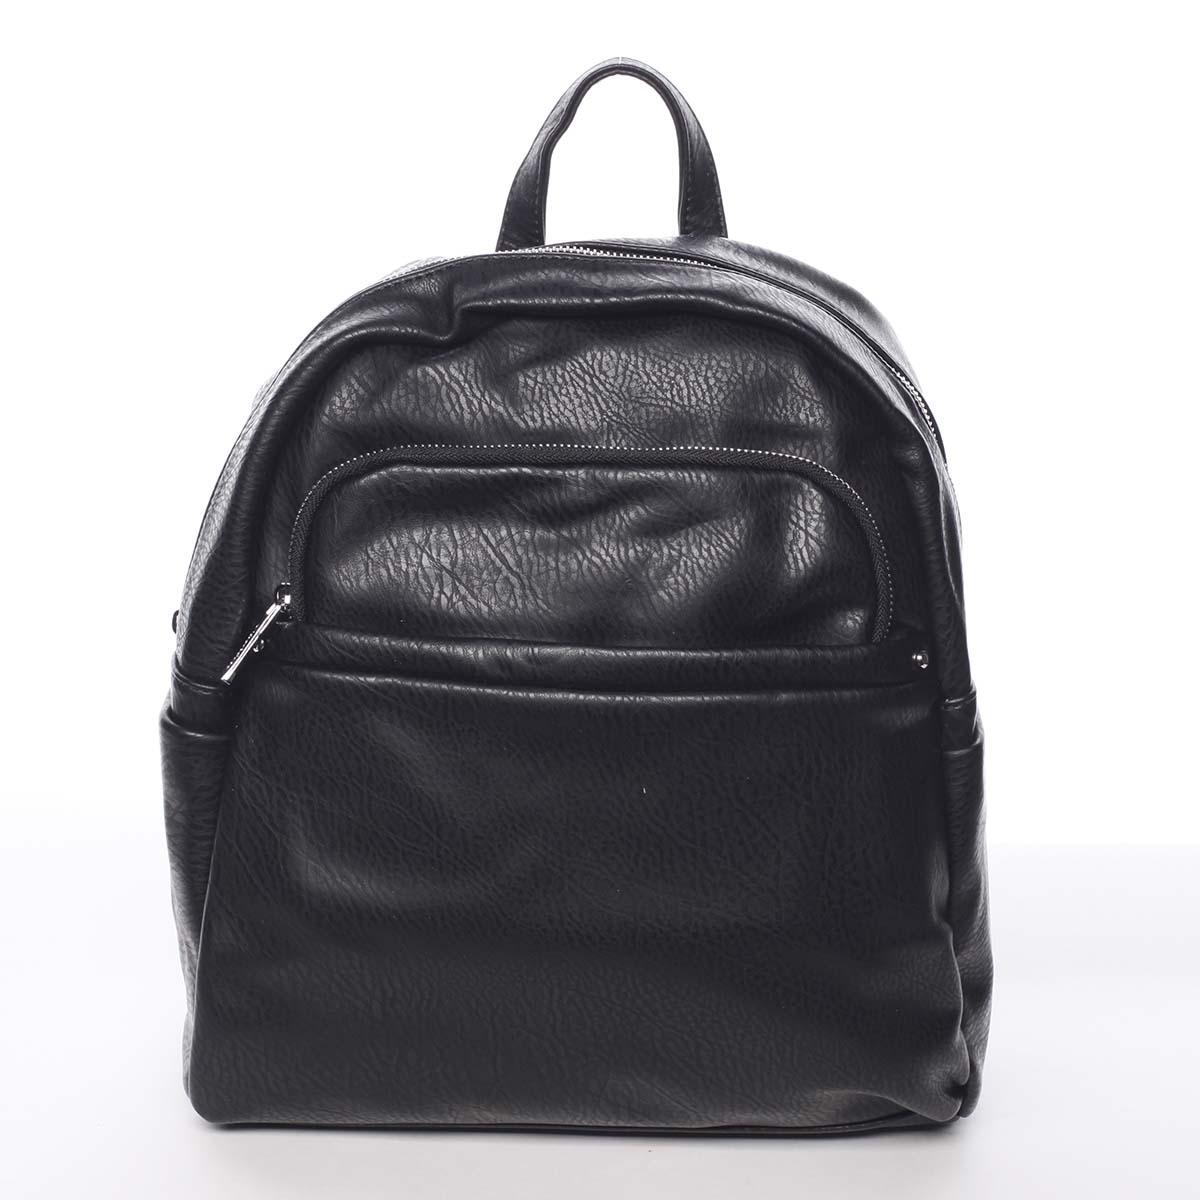 Střední městský dámský černý batoh - Silvia Rosa Jimm